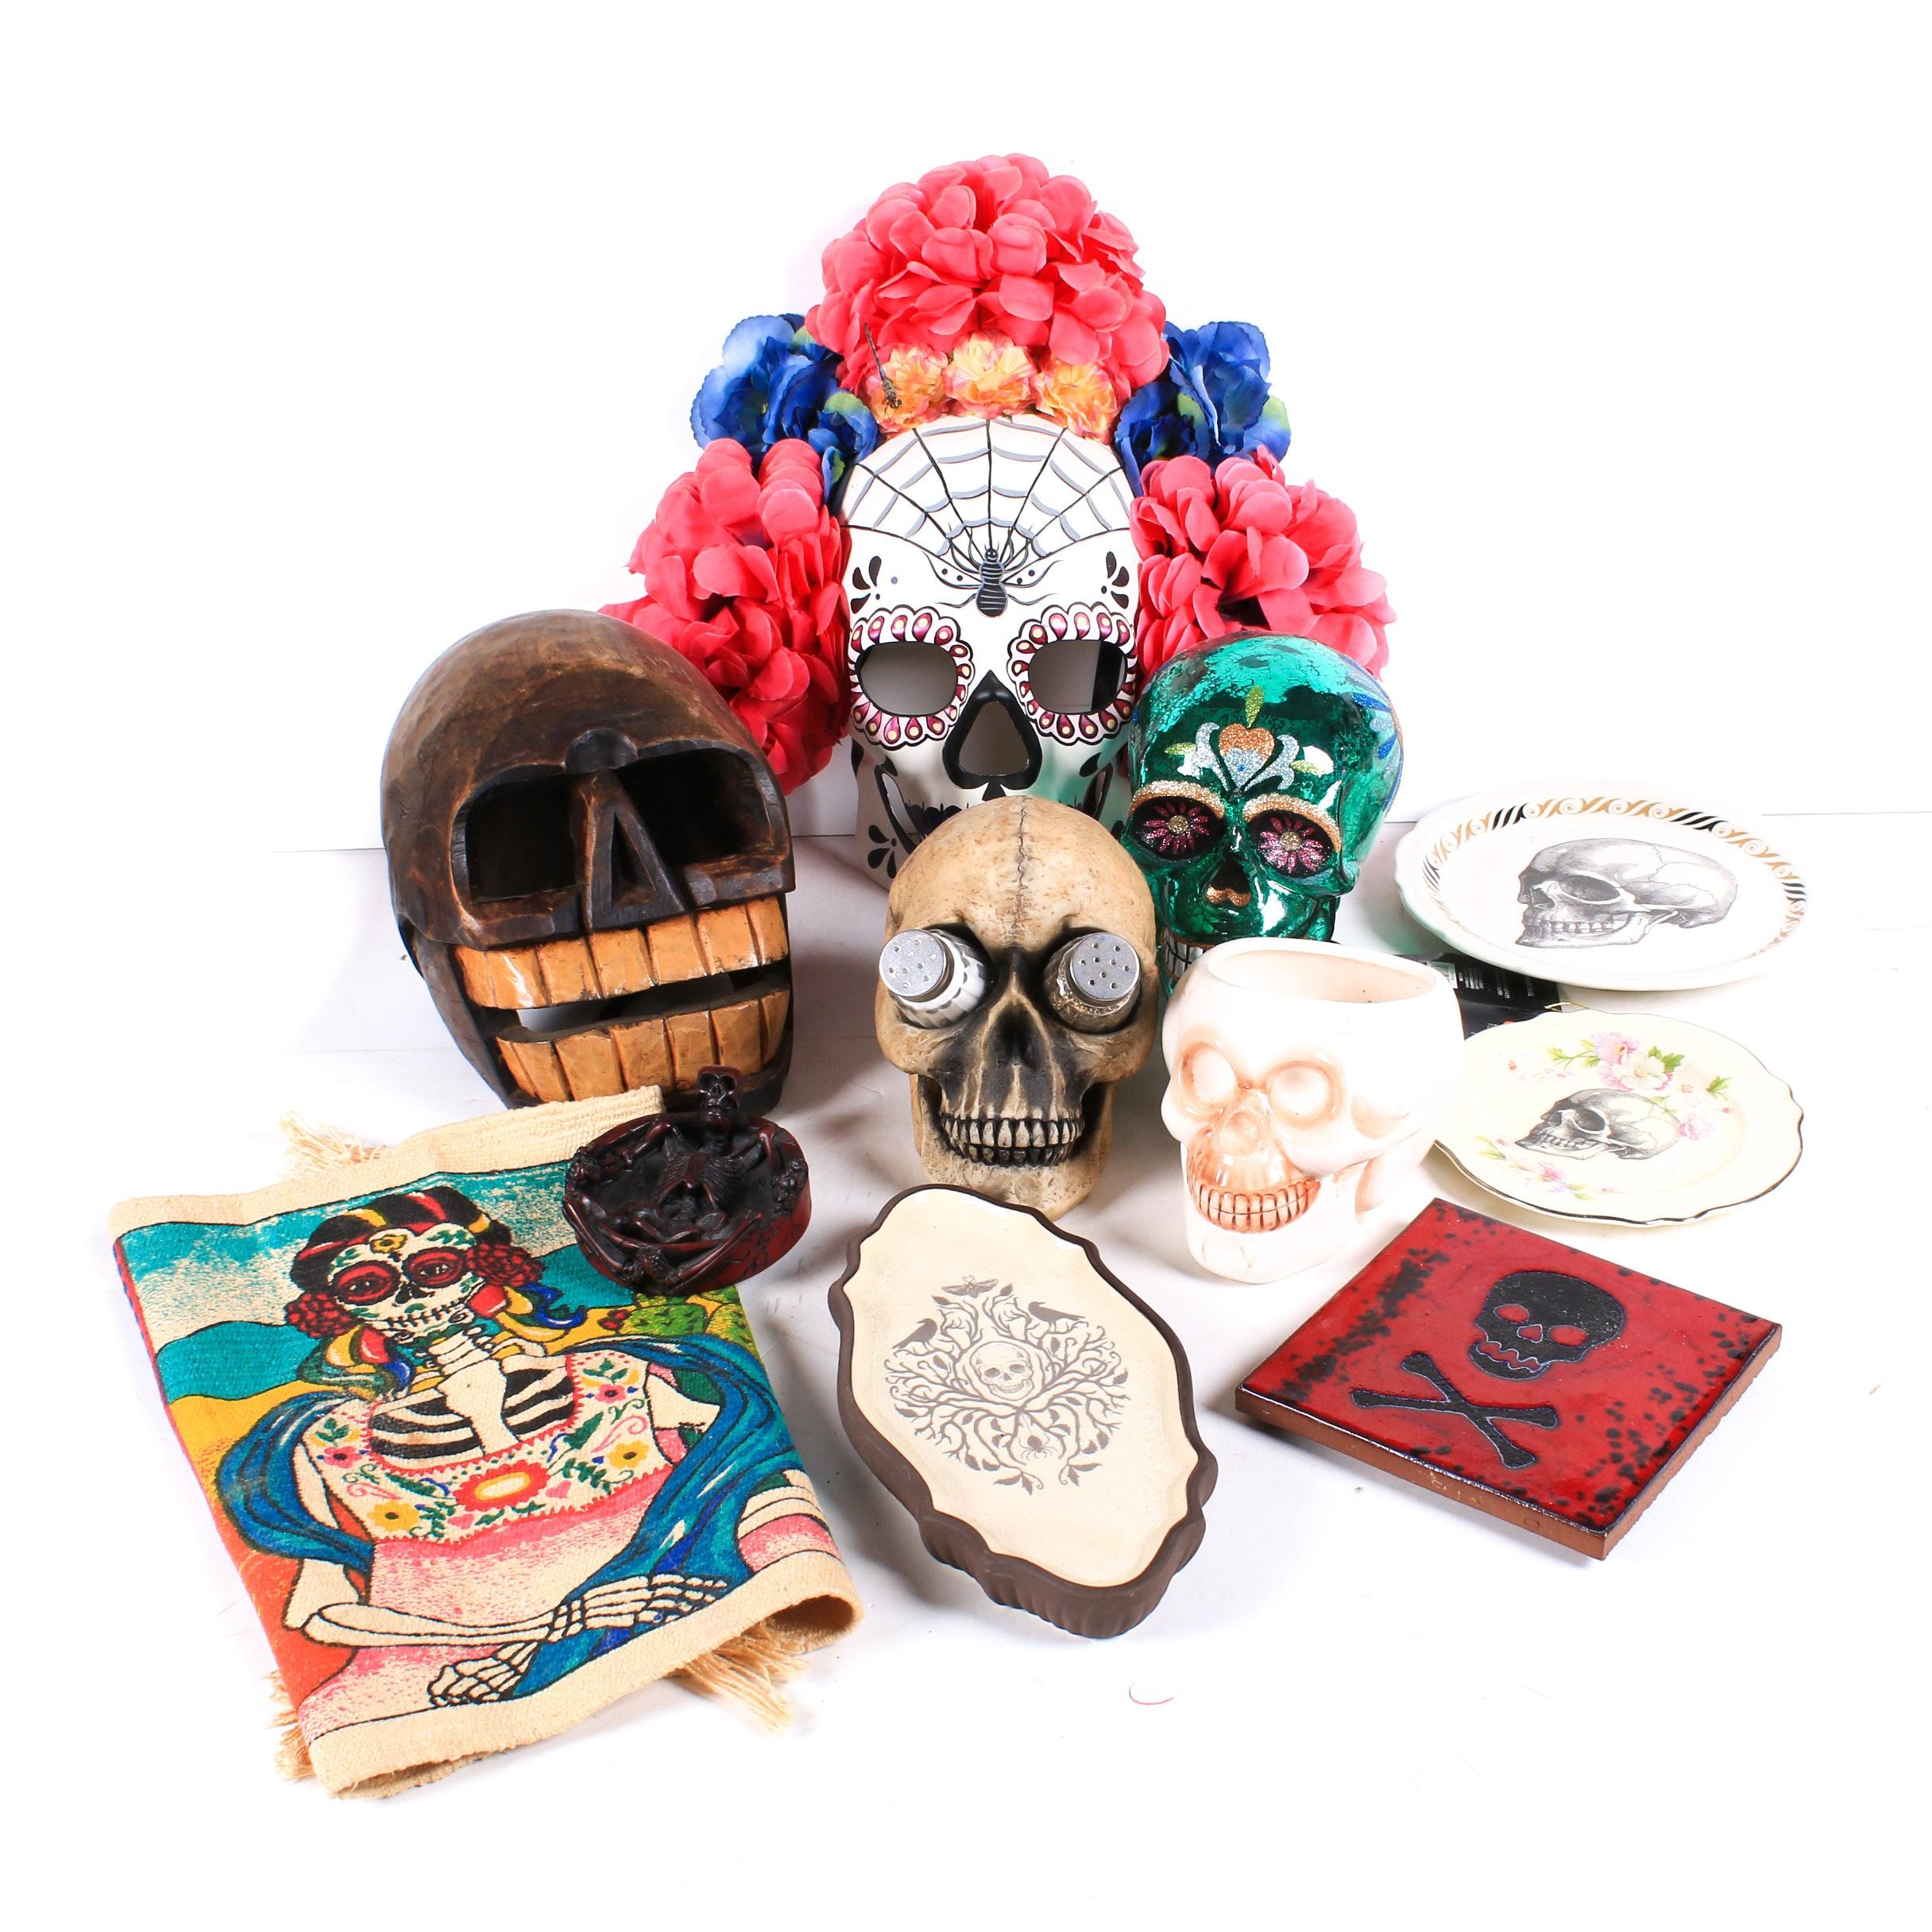 Skull Mask, Skull Mug, Skull Salt & Pepper Shaker Set and More